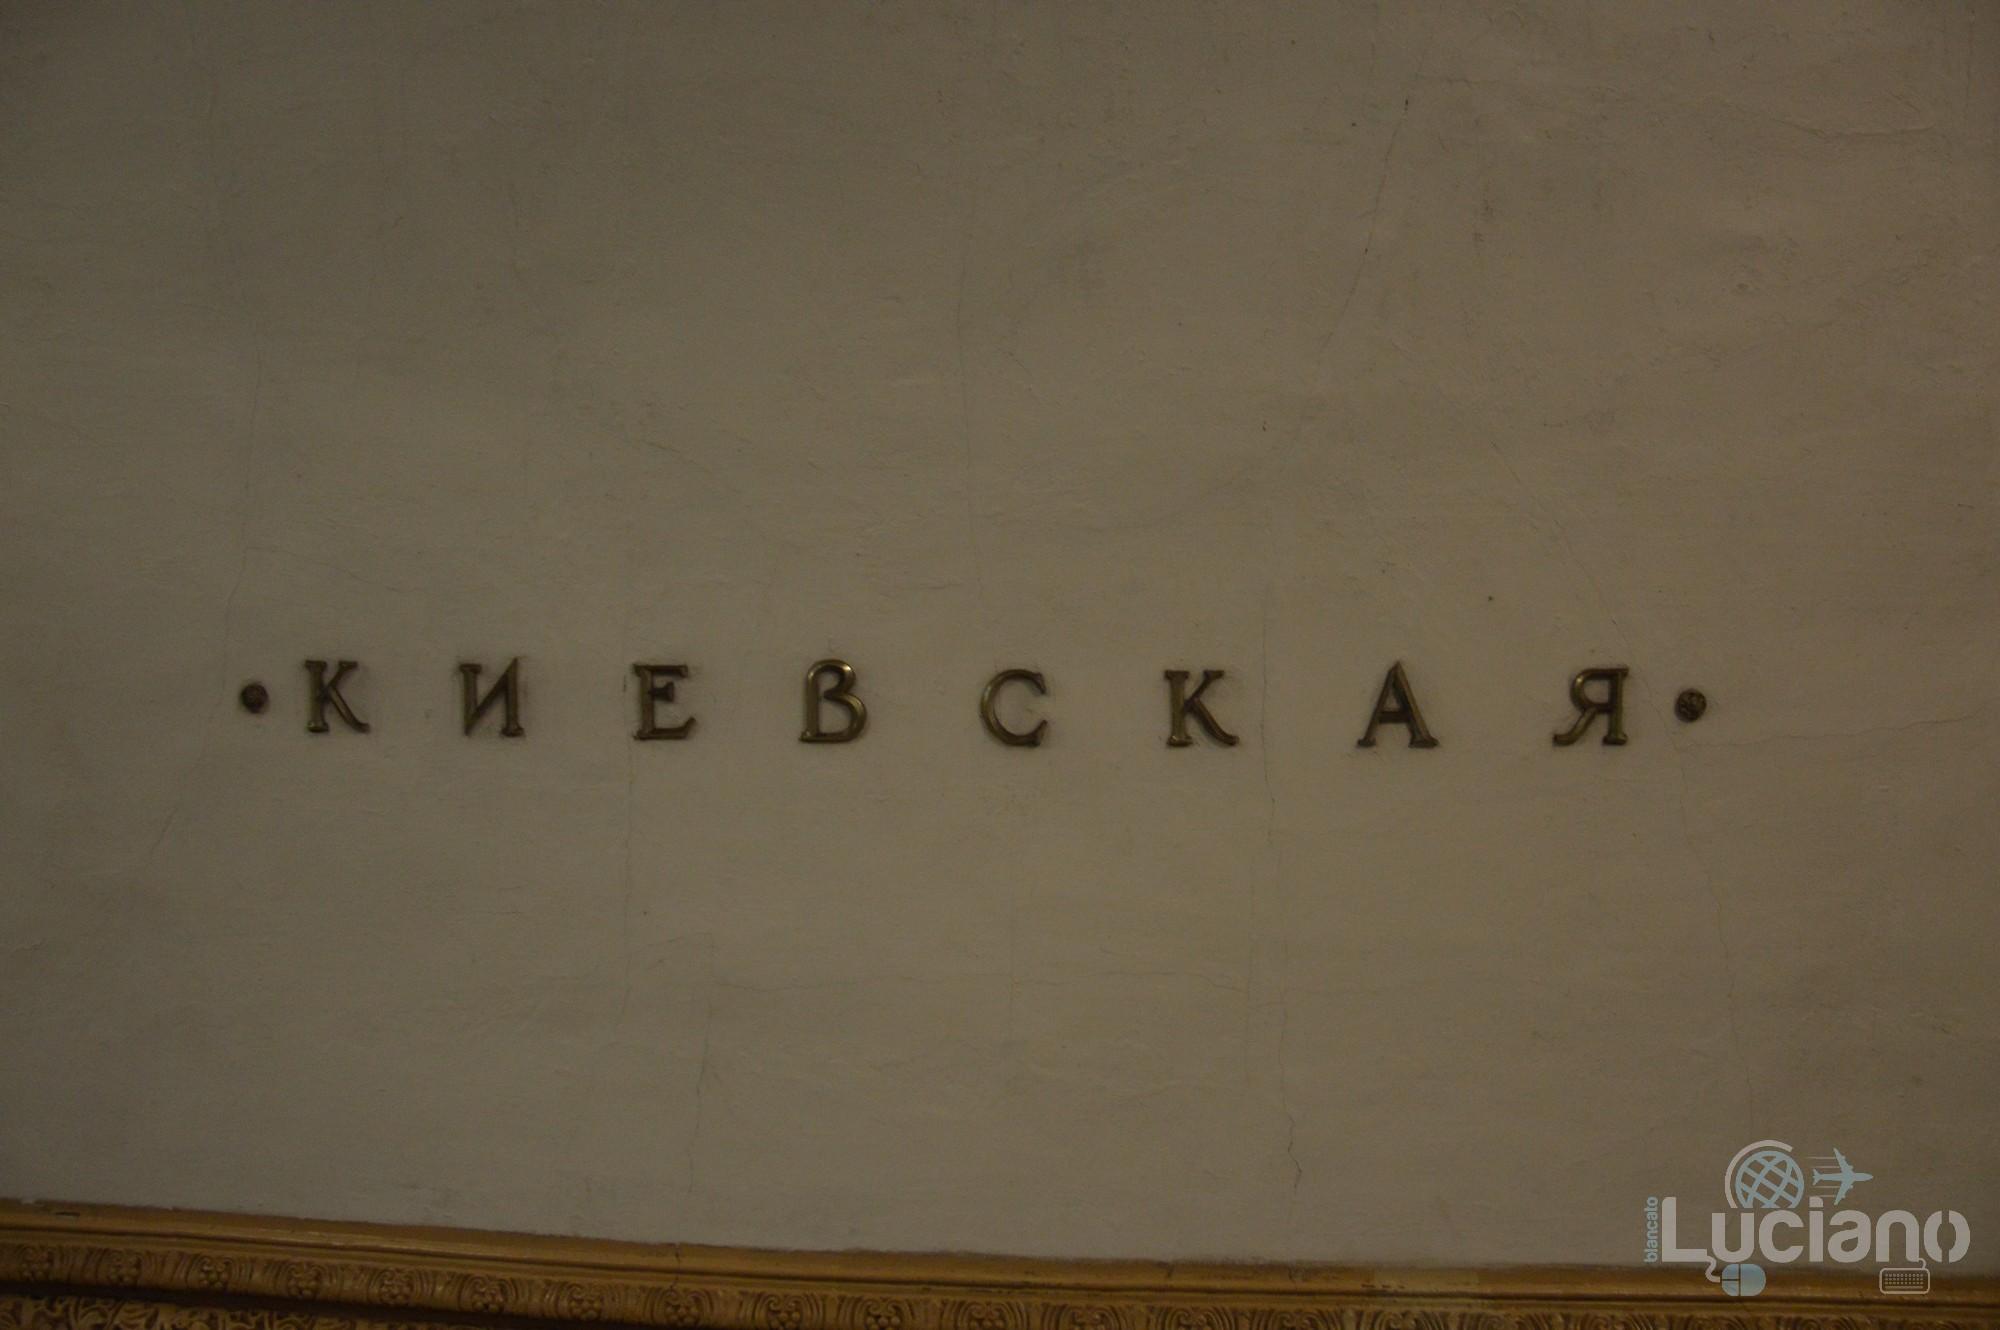 Kievskaya  (in russo: Киевская) - Metro 5 - Metro Circolare Mosca - Russia